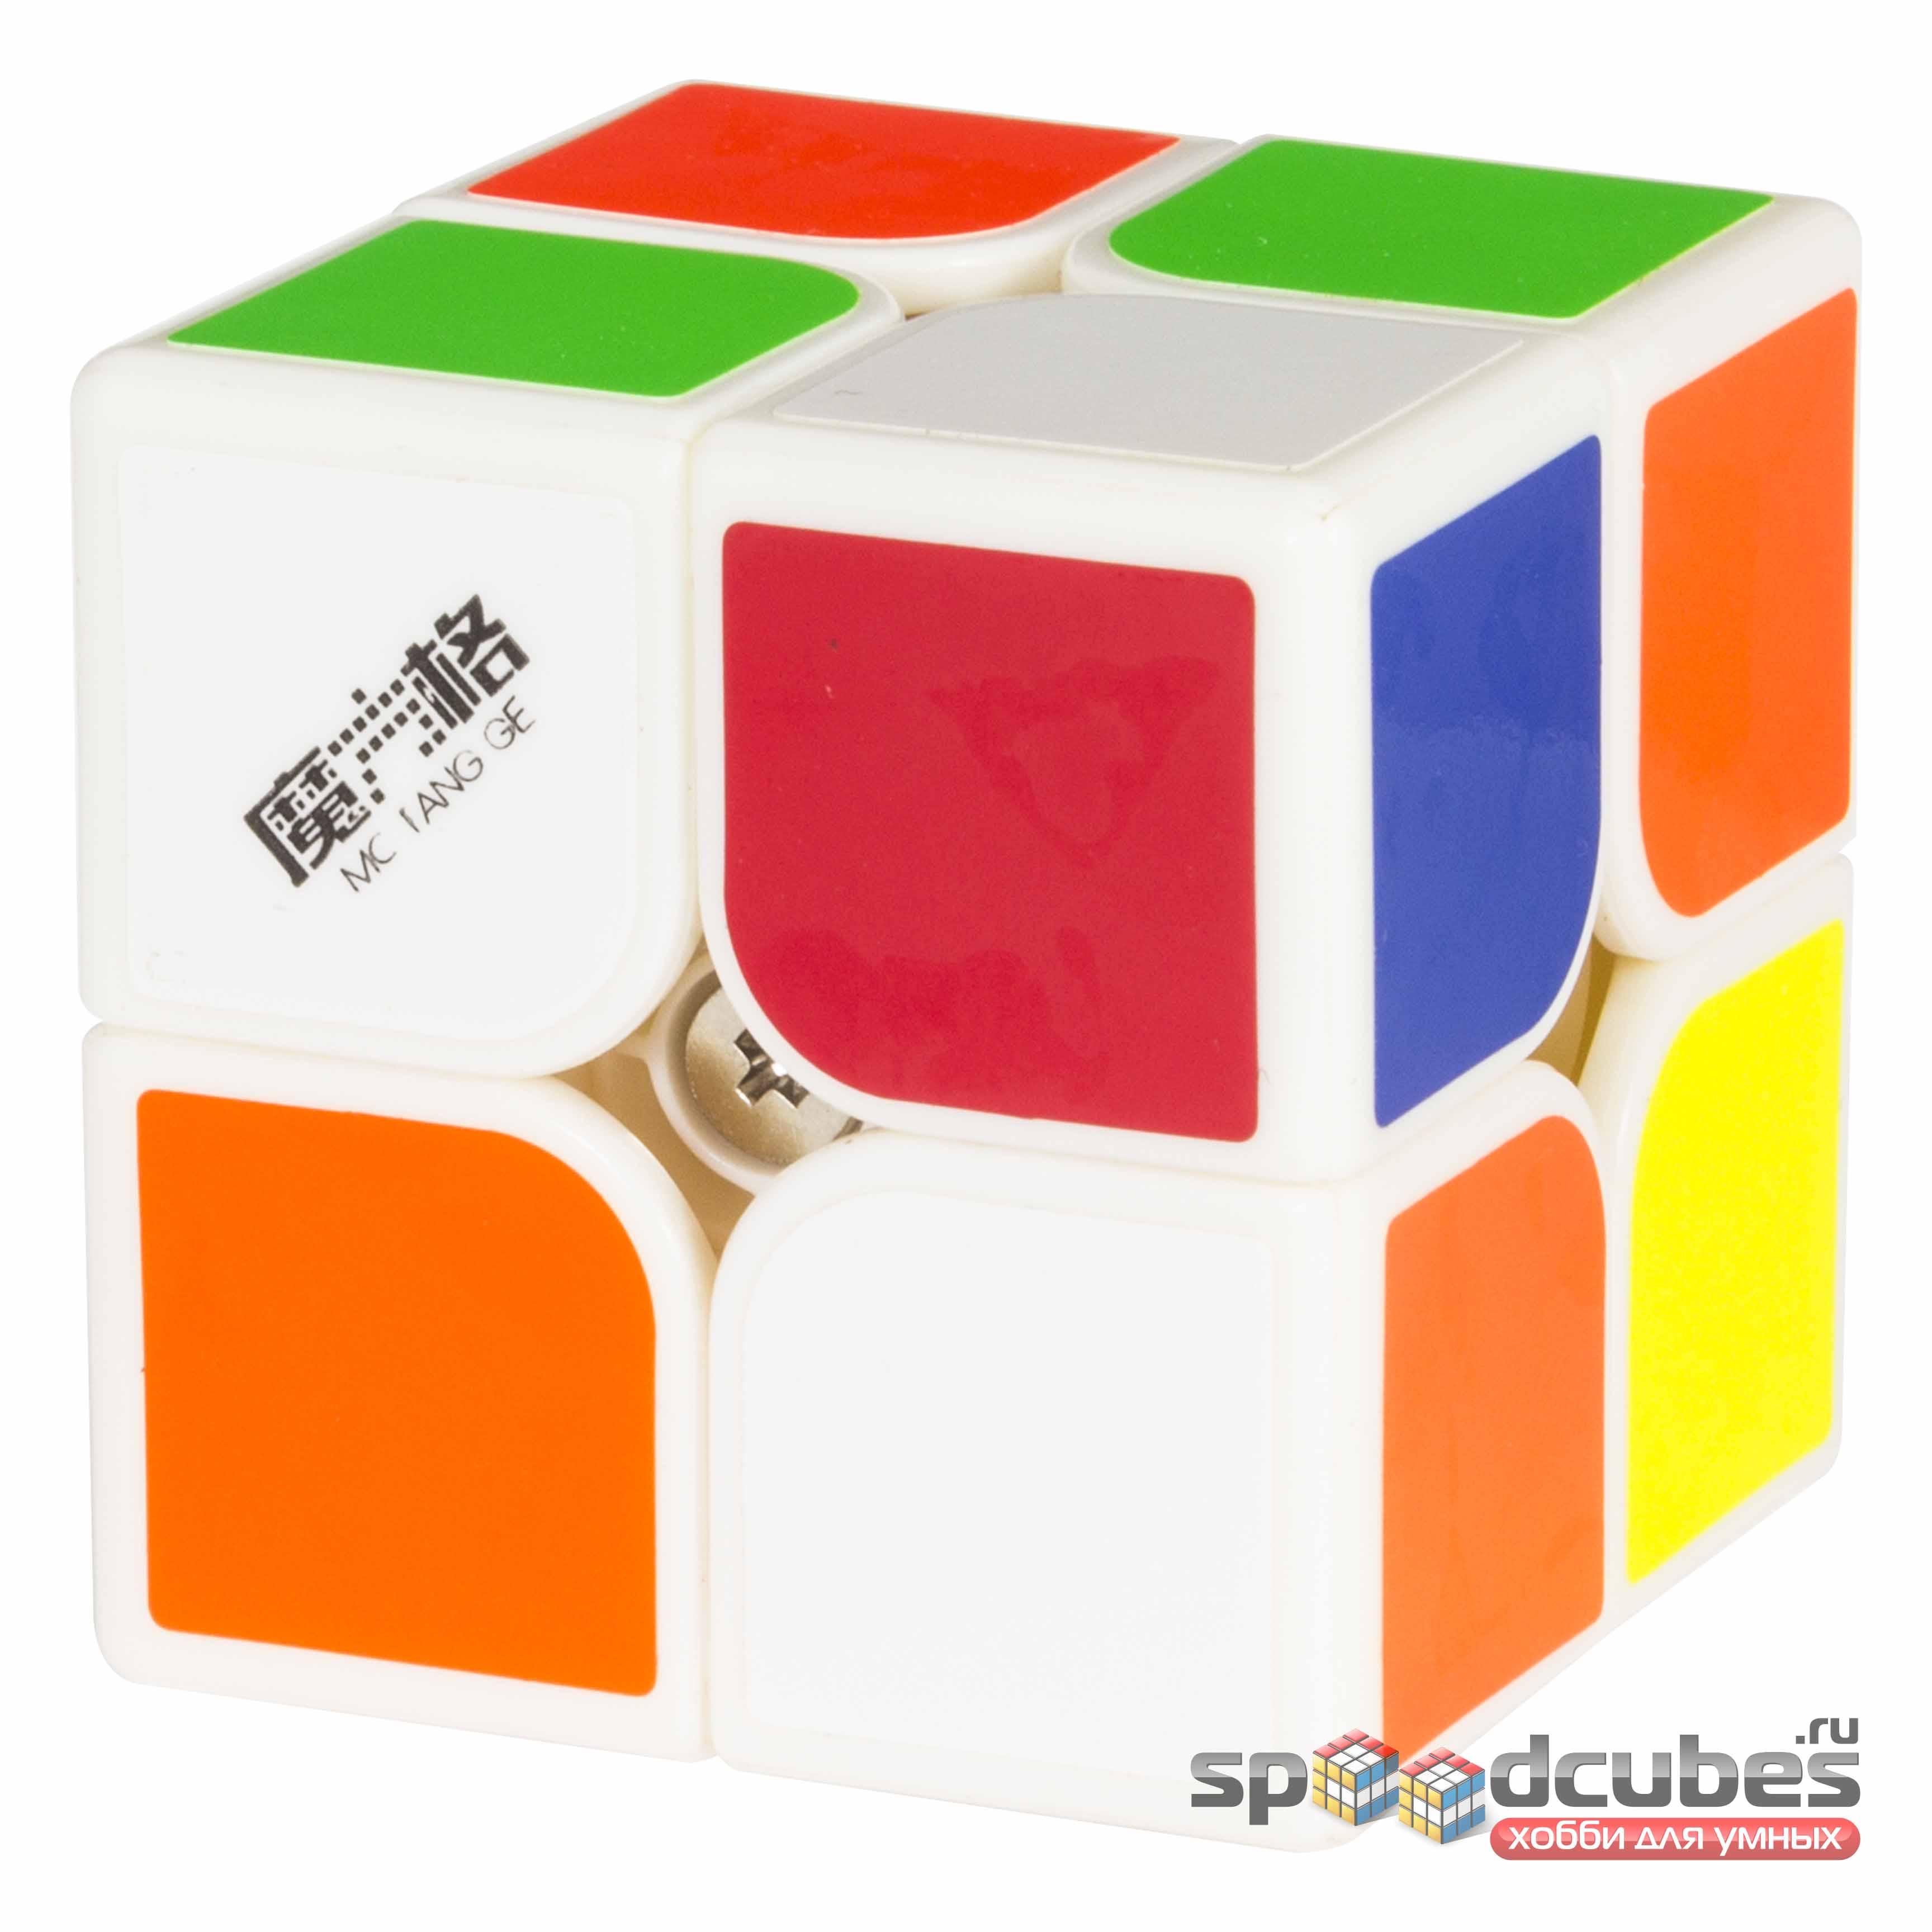 QiYi (MoFangGe) 2x2x2 WuXia White 3